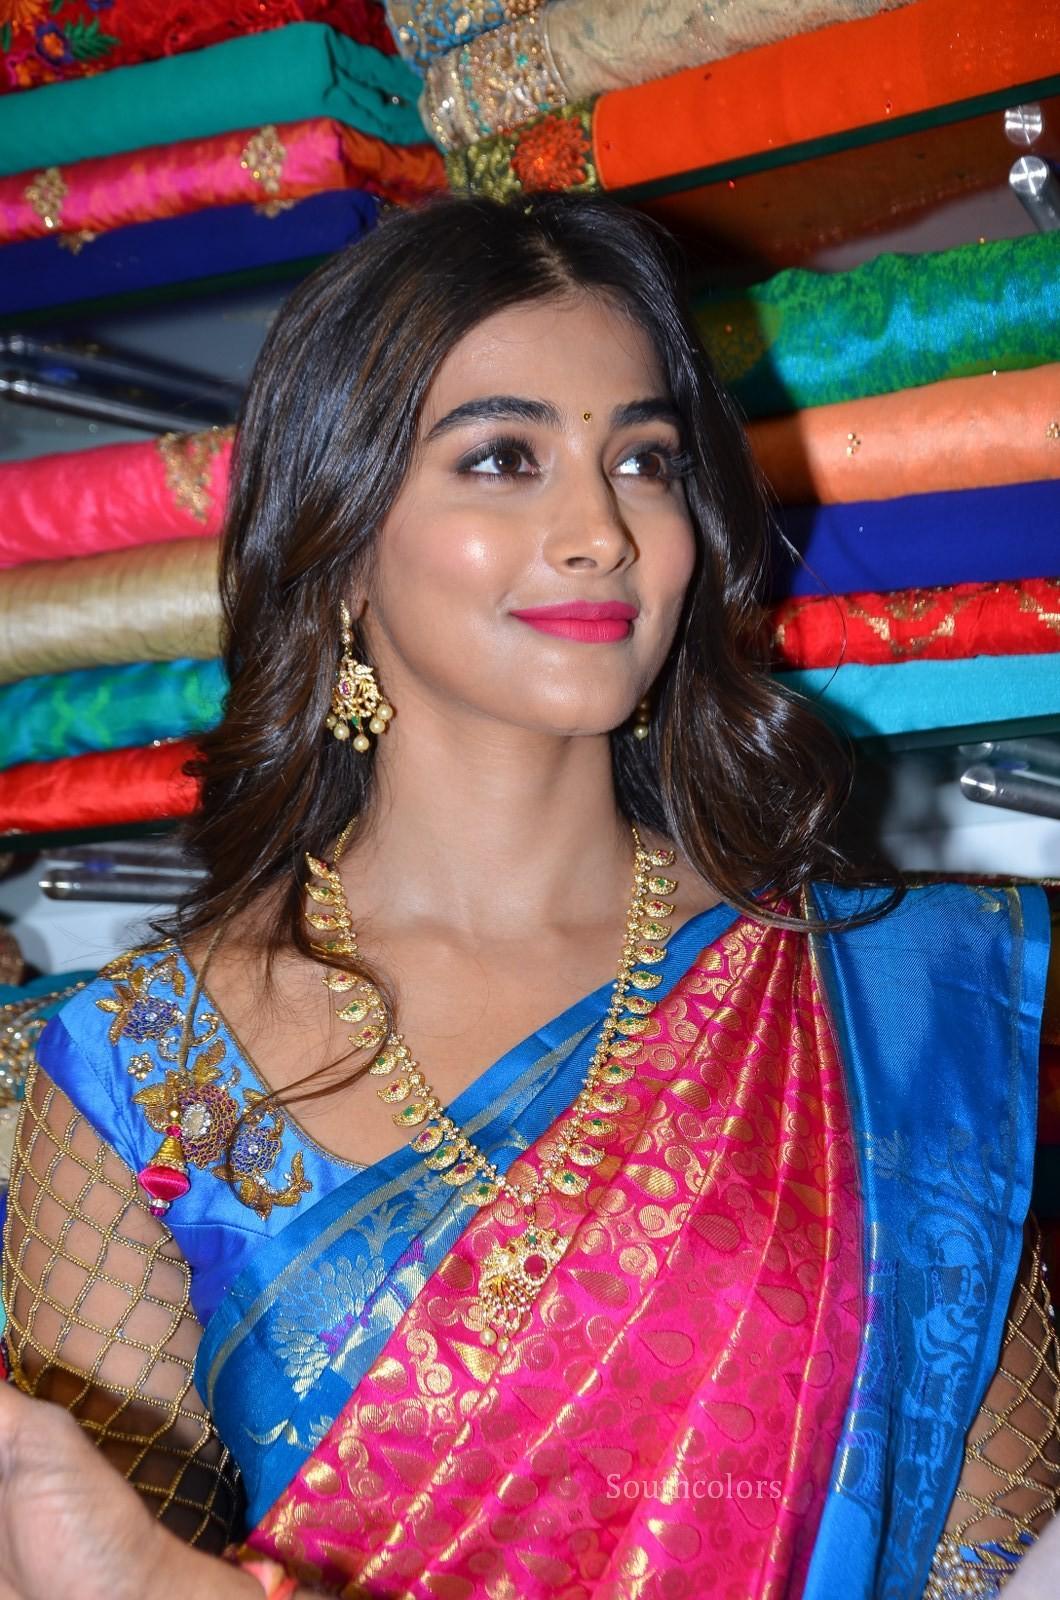 pooja hegde traditional saree photos southcolors 11